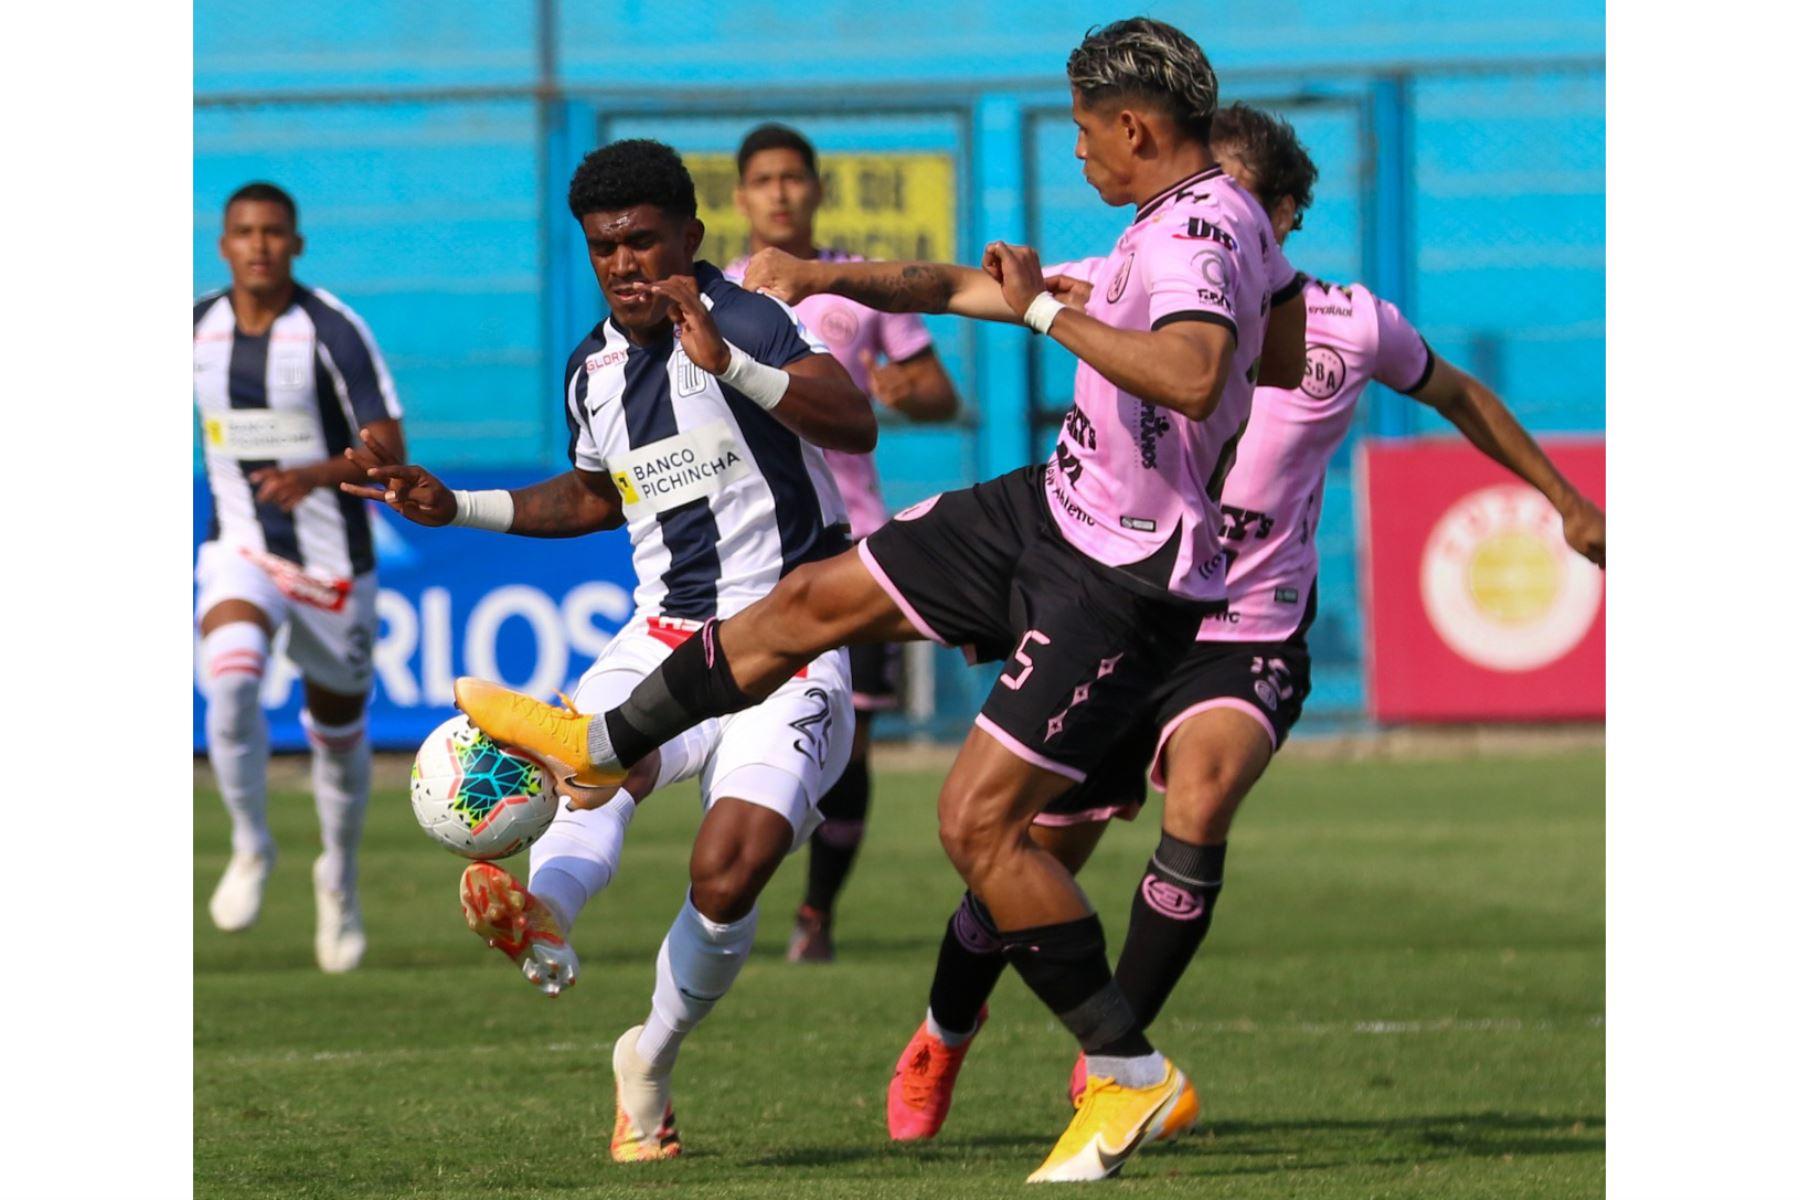 El futbolista O. Mora  de  Alianza Lima, disputa la pelota el jugador del  Sport Boys, durante el partido por la Fase 2 de la fecha 7 de la Liga 1  en el estadio Alberto Gallardo. Foto: @LigaFutProfdel